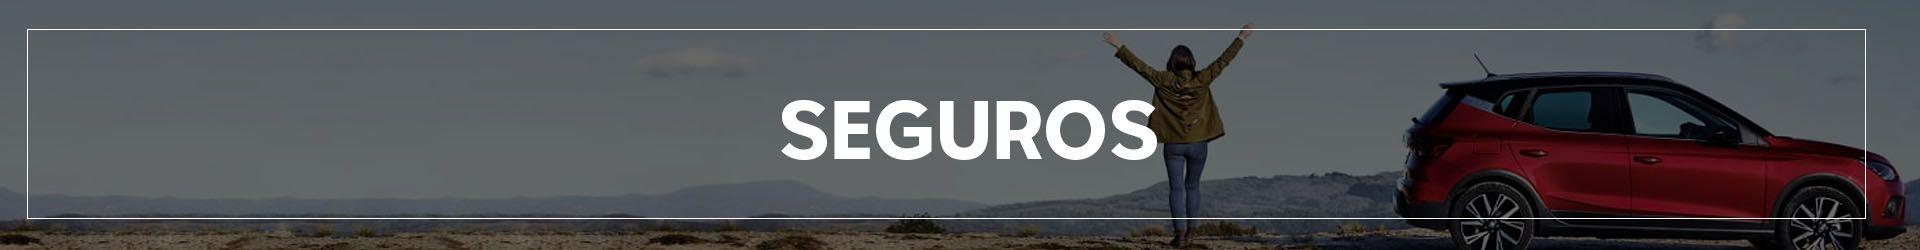 SEGUROS | Automocion Terry Concesionario Cadiz